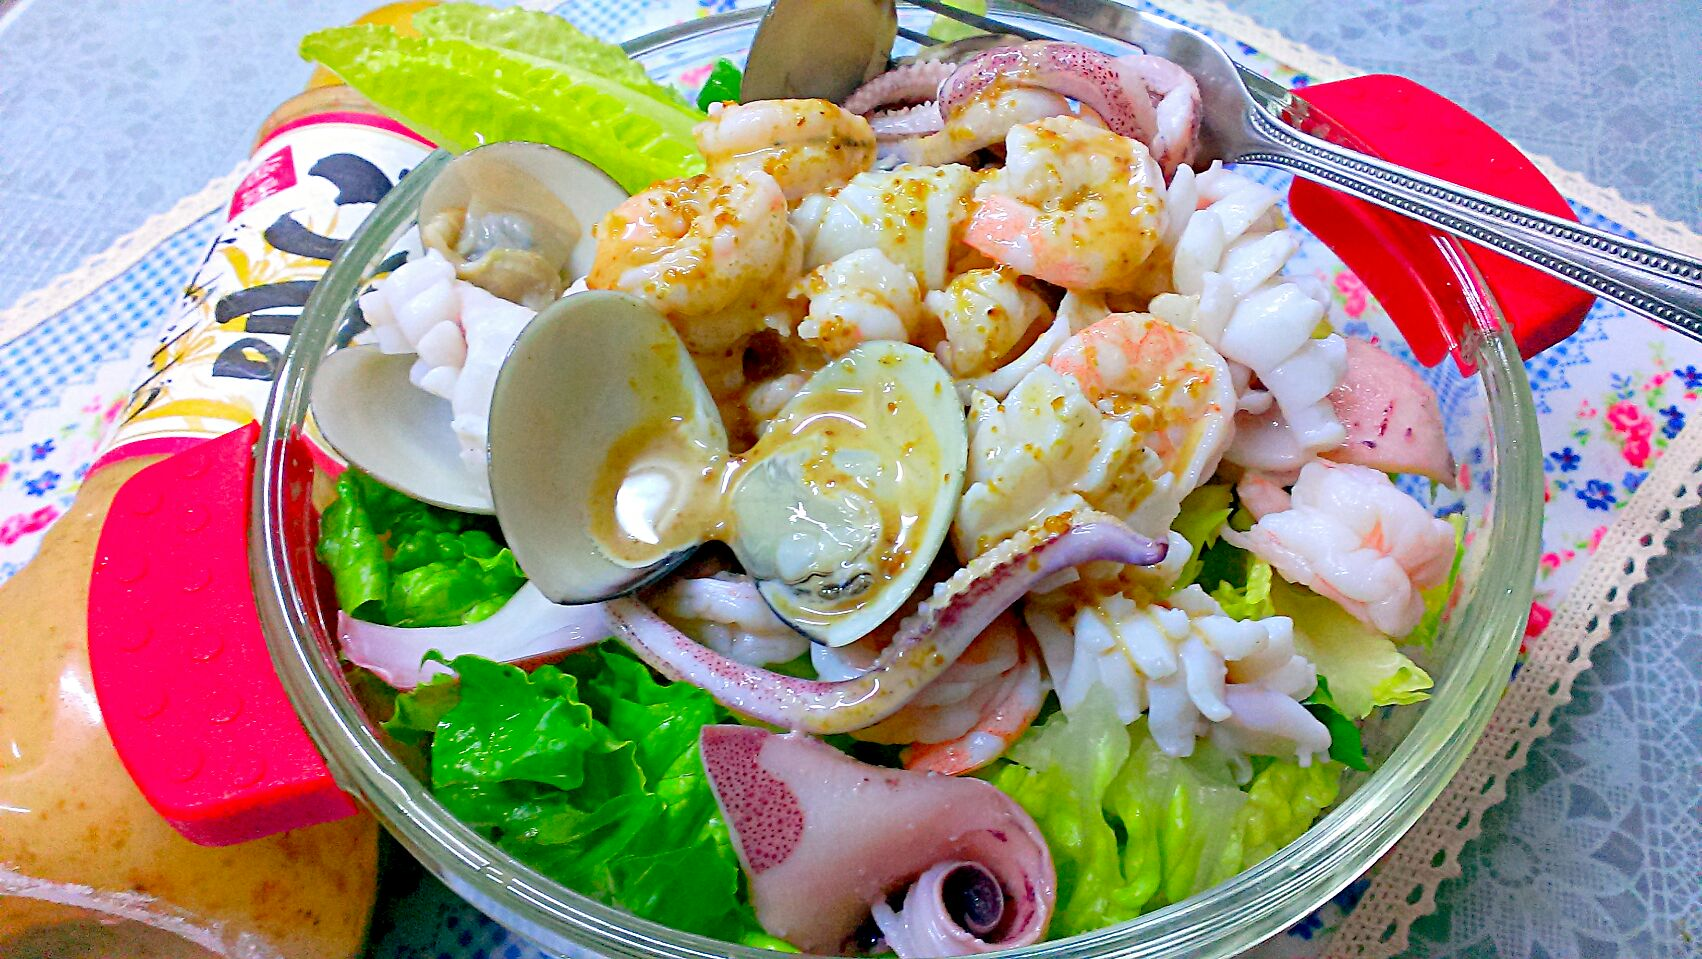 海鮮生菜沙拉佐黃金芝麻醬